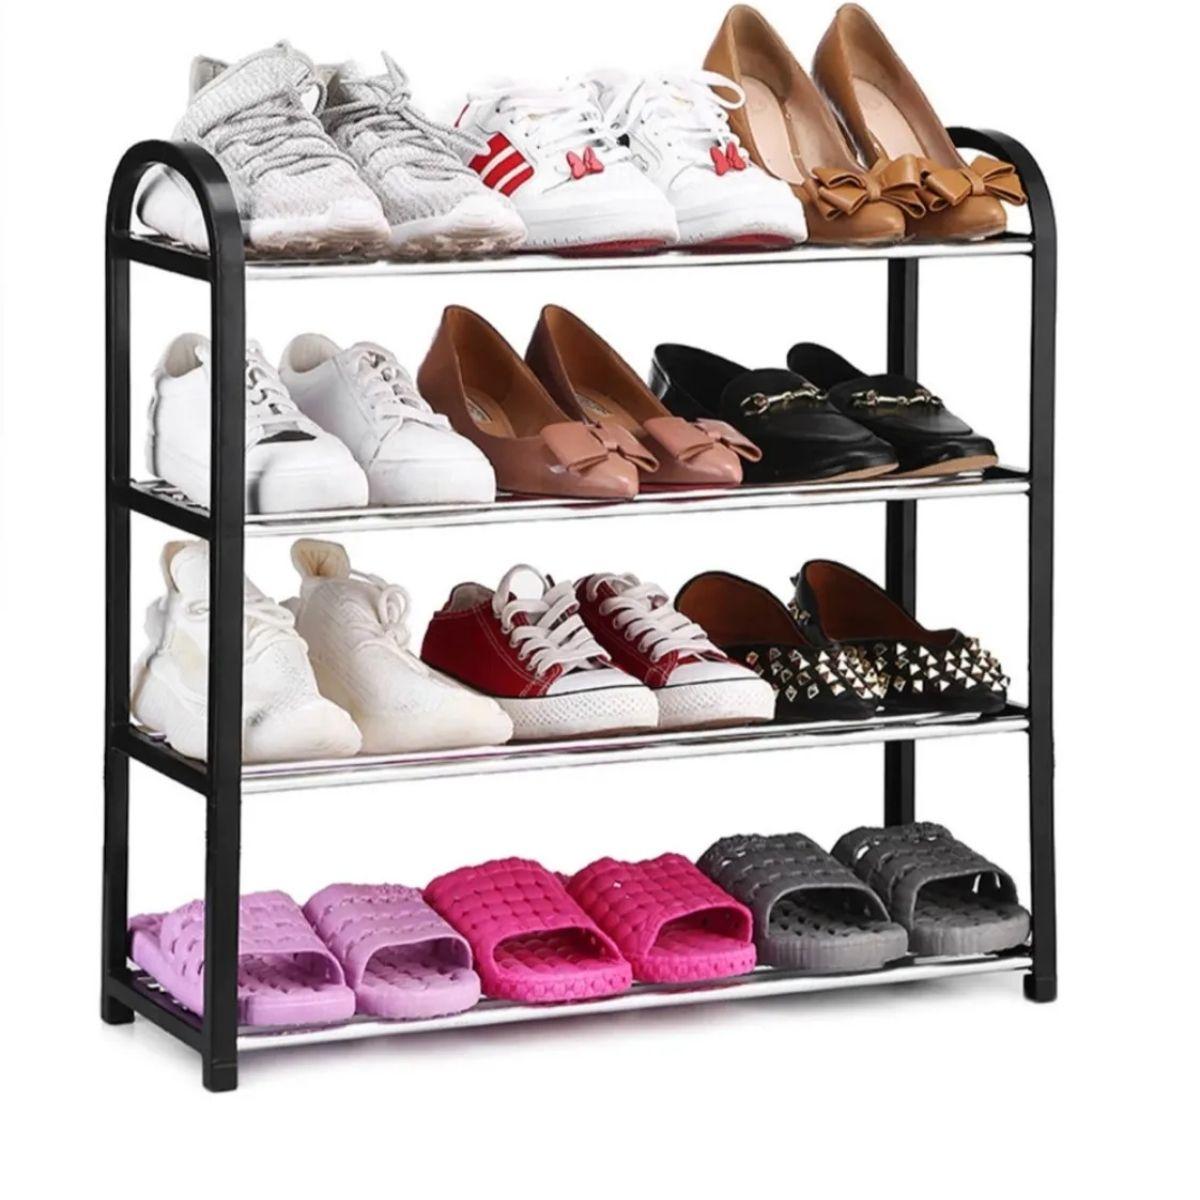 Sapateira 4 Prateleira Organizador Estante Multiuso 12 Sapato